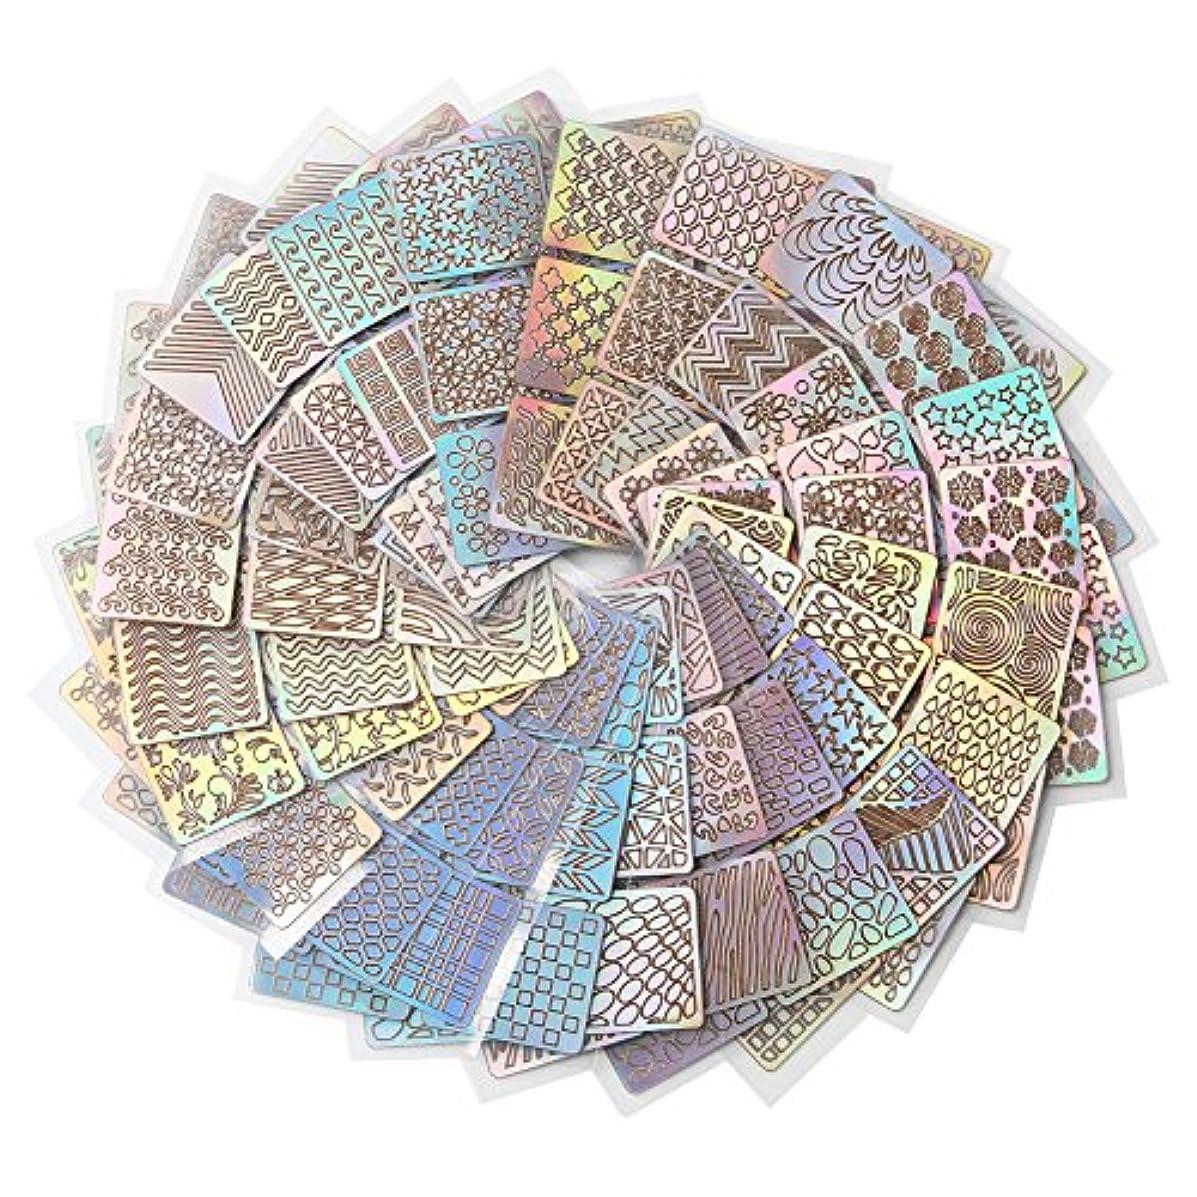 葉を集める追加どうしたのDemiawaking ネイル用装飾 可愛いネイル飾り テープ ネイル パーツ ネイルーシール 今年流行ネイティブ柄ネイルステッカー 24枚セット